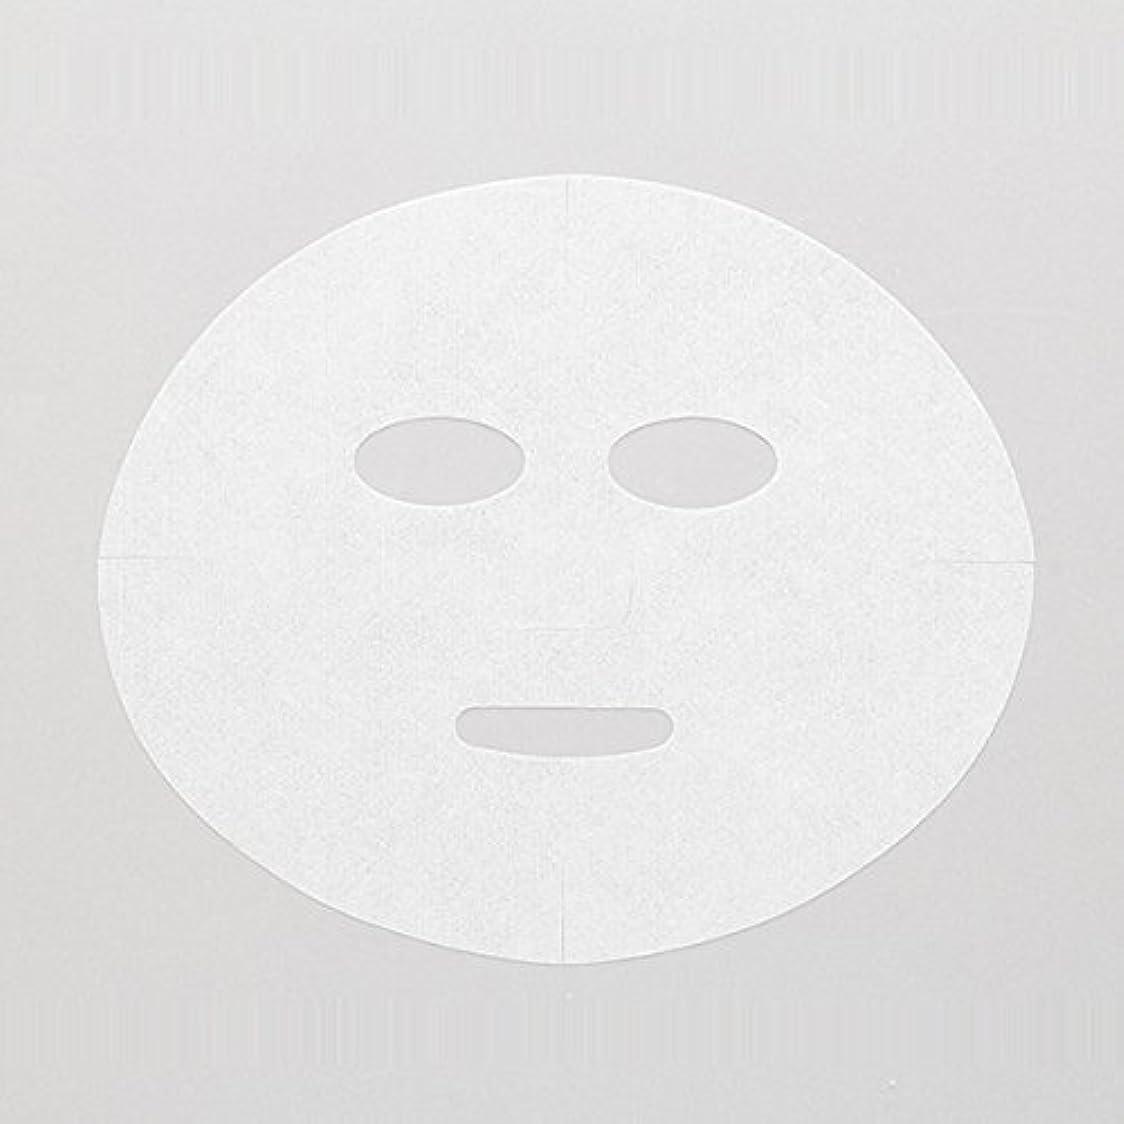 あごひげハブブ然とした高保水 フェイシャルシート (マスクタイプ 化粧水無) 80枚 24×20cm [ フェイスマスク フェイスシート フェイスパック フェイシャルマスク シートマスク フェイシャルシート フェイシャルパック ローションマスク ローションパック ]